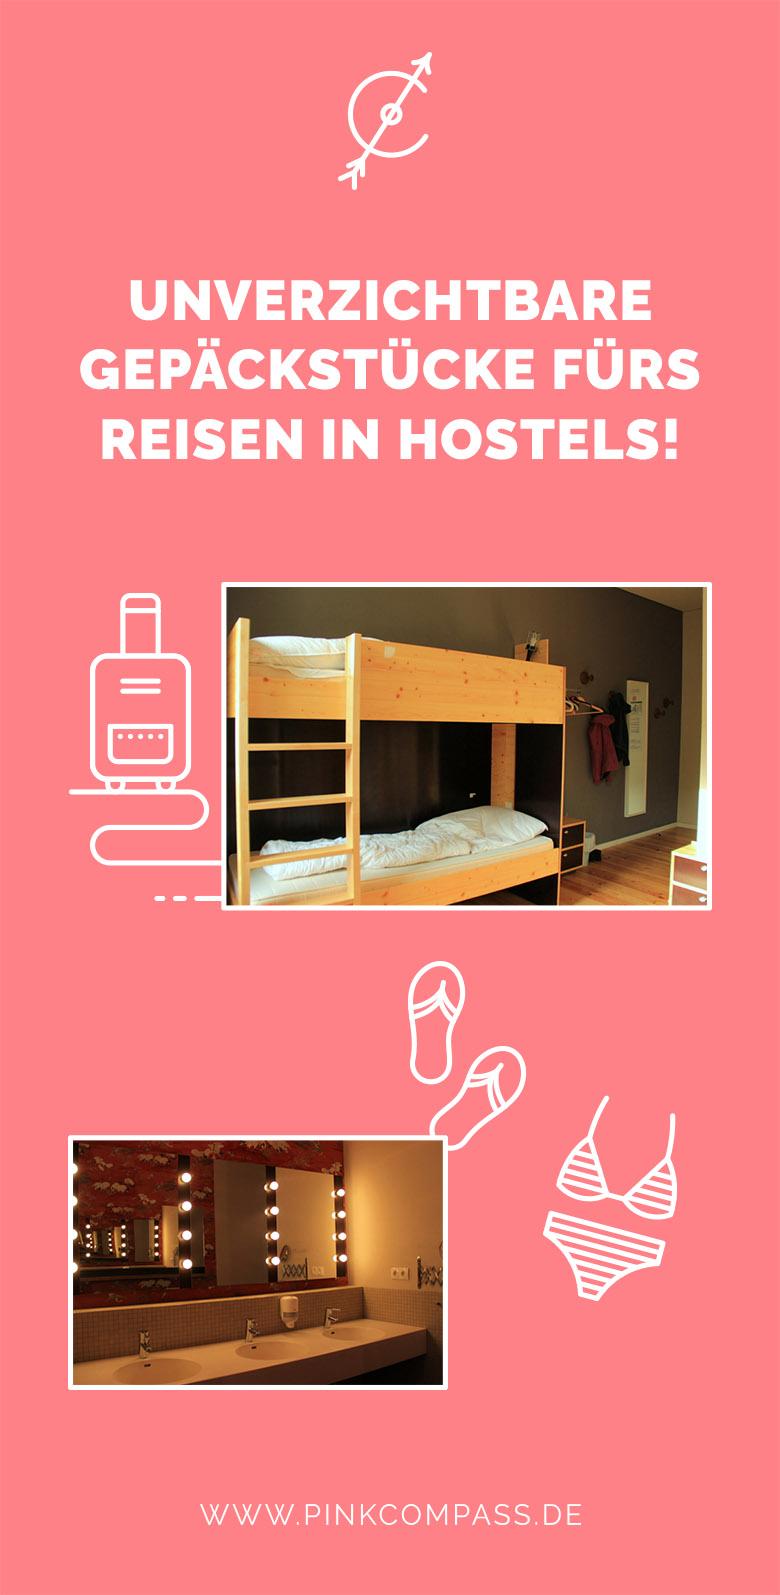 Reisen in Hostels: Das brauchst Du in Deinem Koffer!